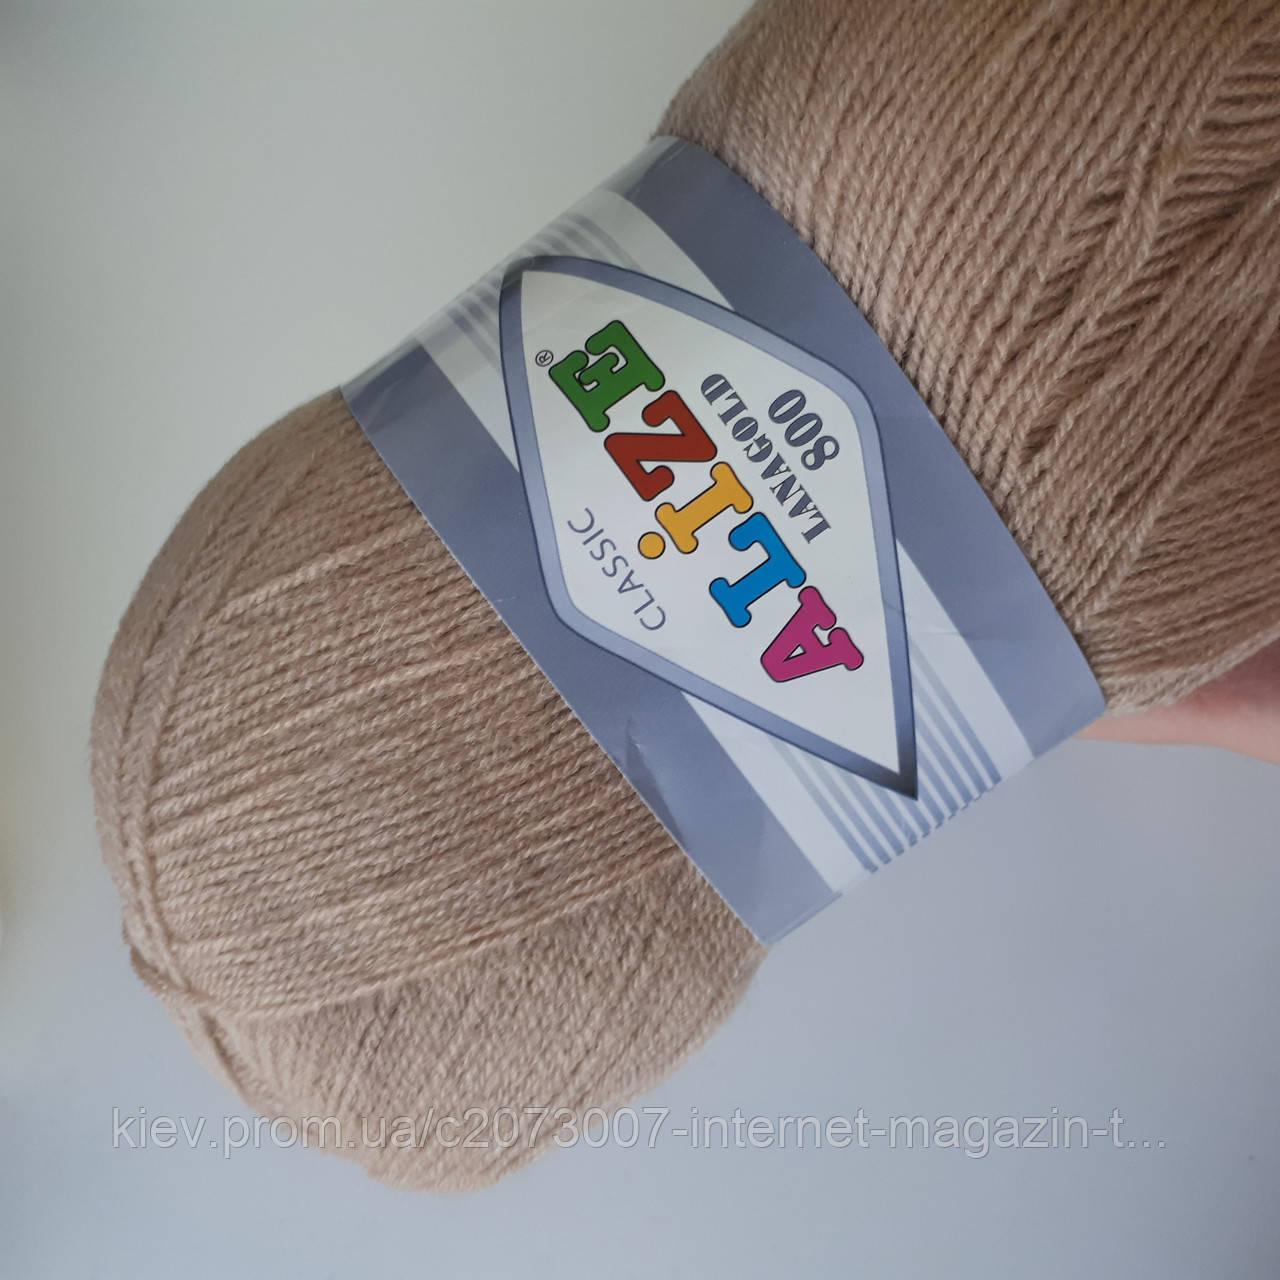 купить пряжу нитки для вязания Alize Lanagold 800 бежевый 05 в